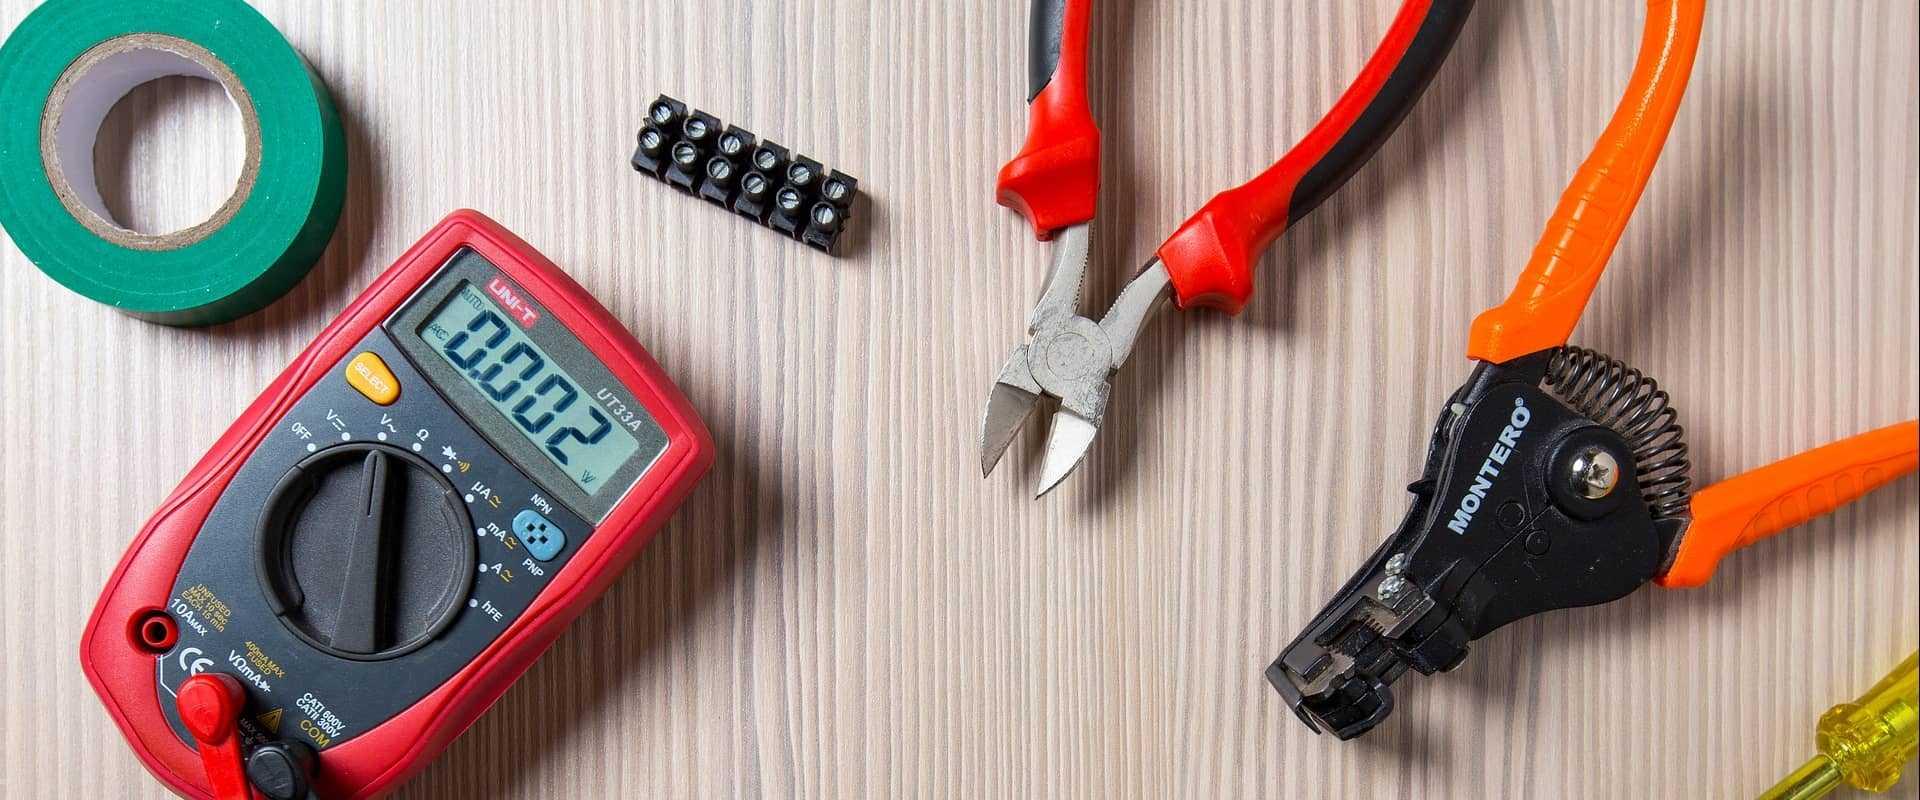 Lagerlogistik für elektrische und elektronische Geräte